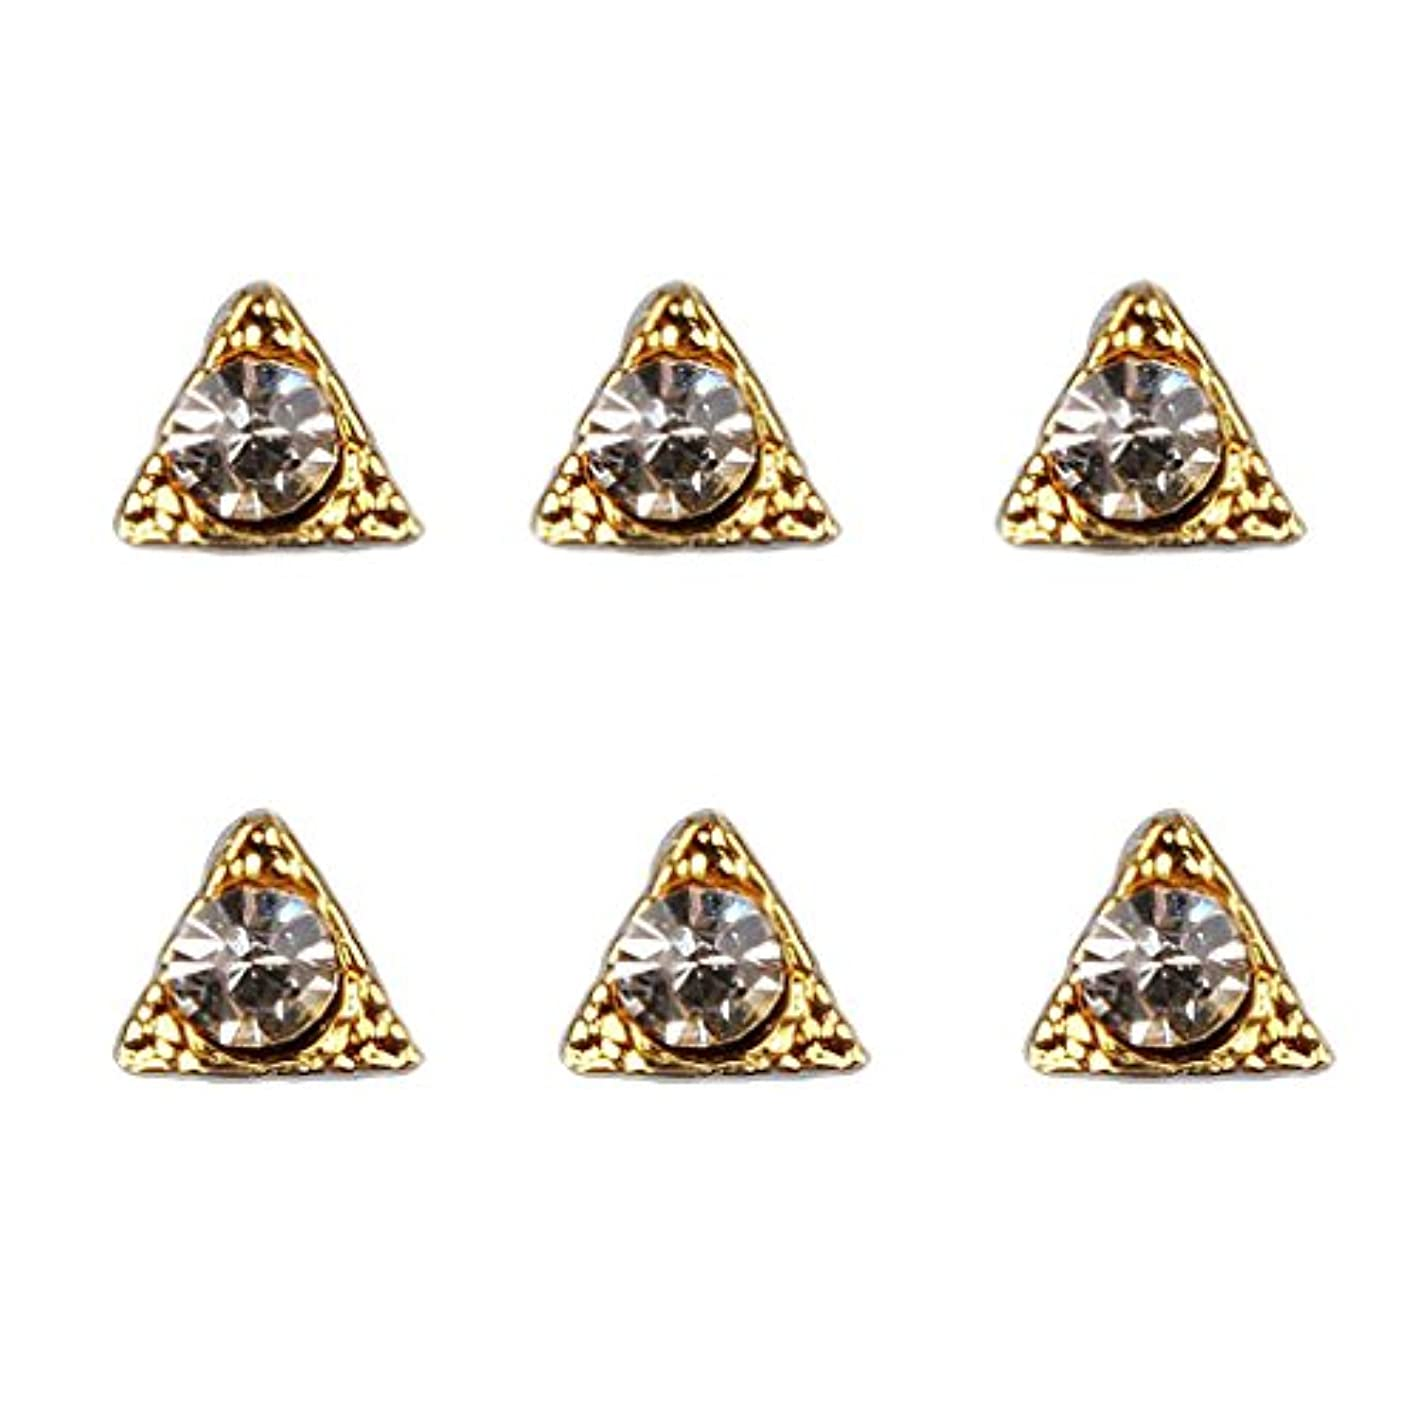 バイパス感覚道路ネイル ネイルデザイン ダイヤモンド 3Dネイルアート ヒントステッカー デコレーション 50個入り - 7